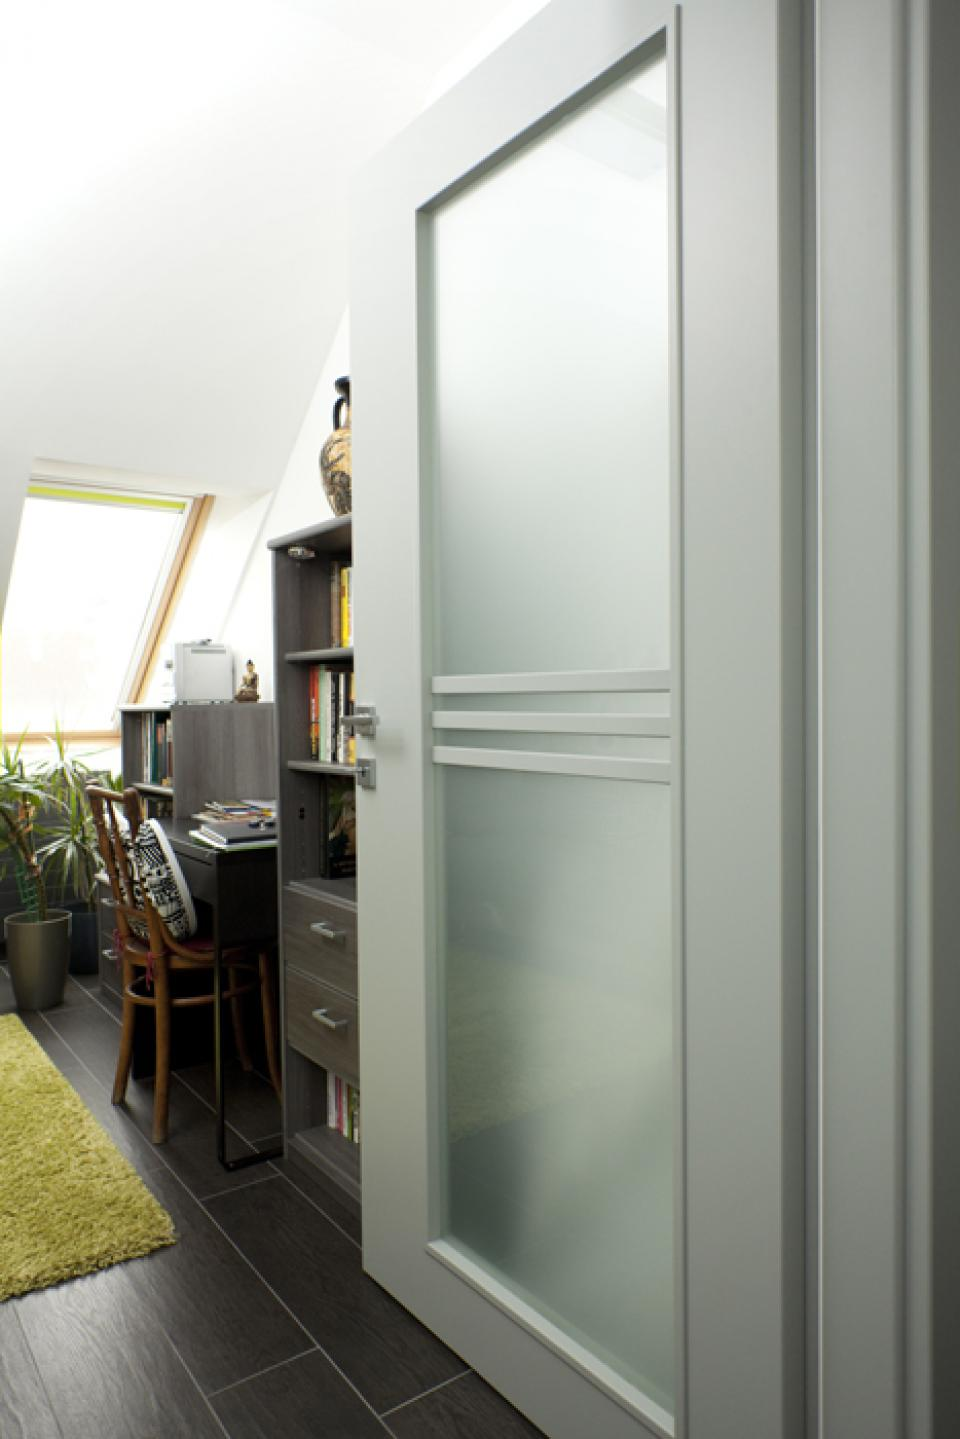 Bern III belsőajtók egy budai társasházban | Referencia - Ajtóház